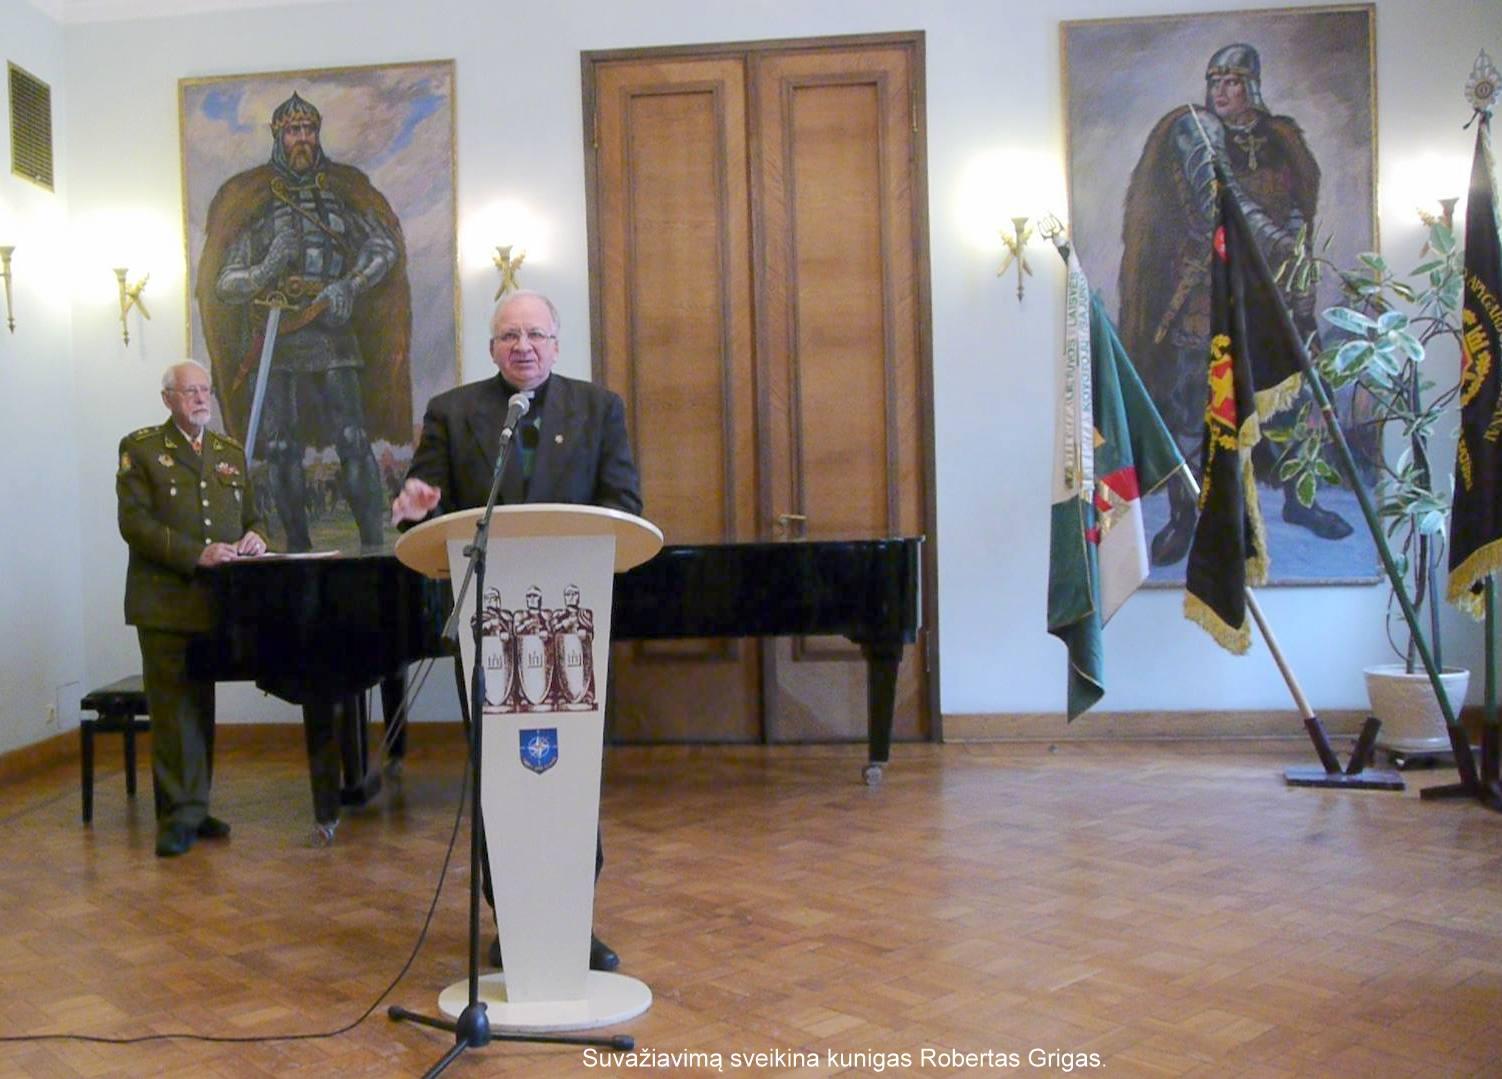 Suvažiavimą sveikina kunigas Robertas Grigas | V. Kašinsko nuotr.